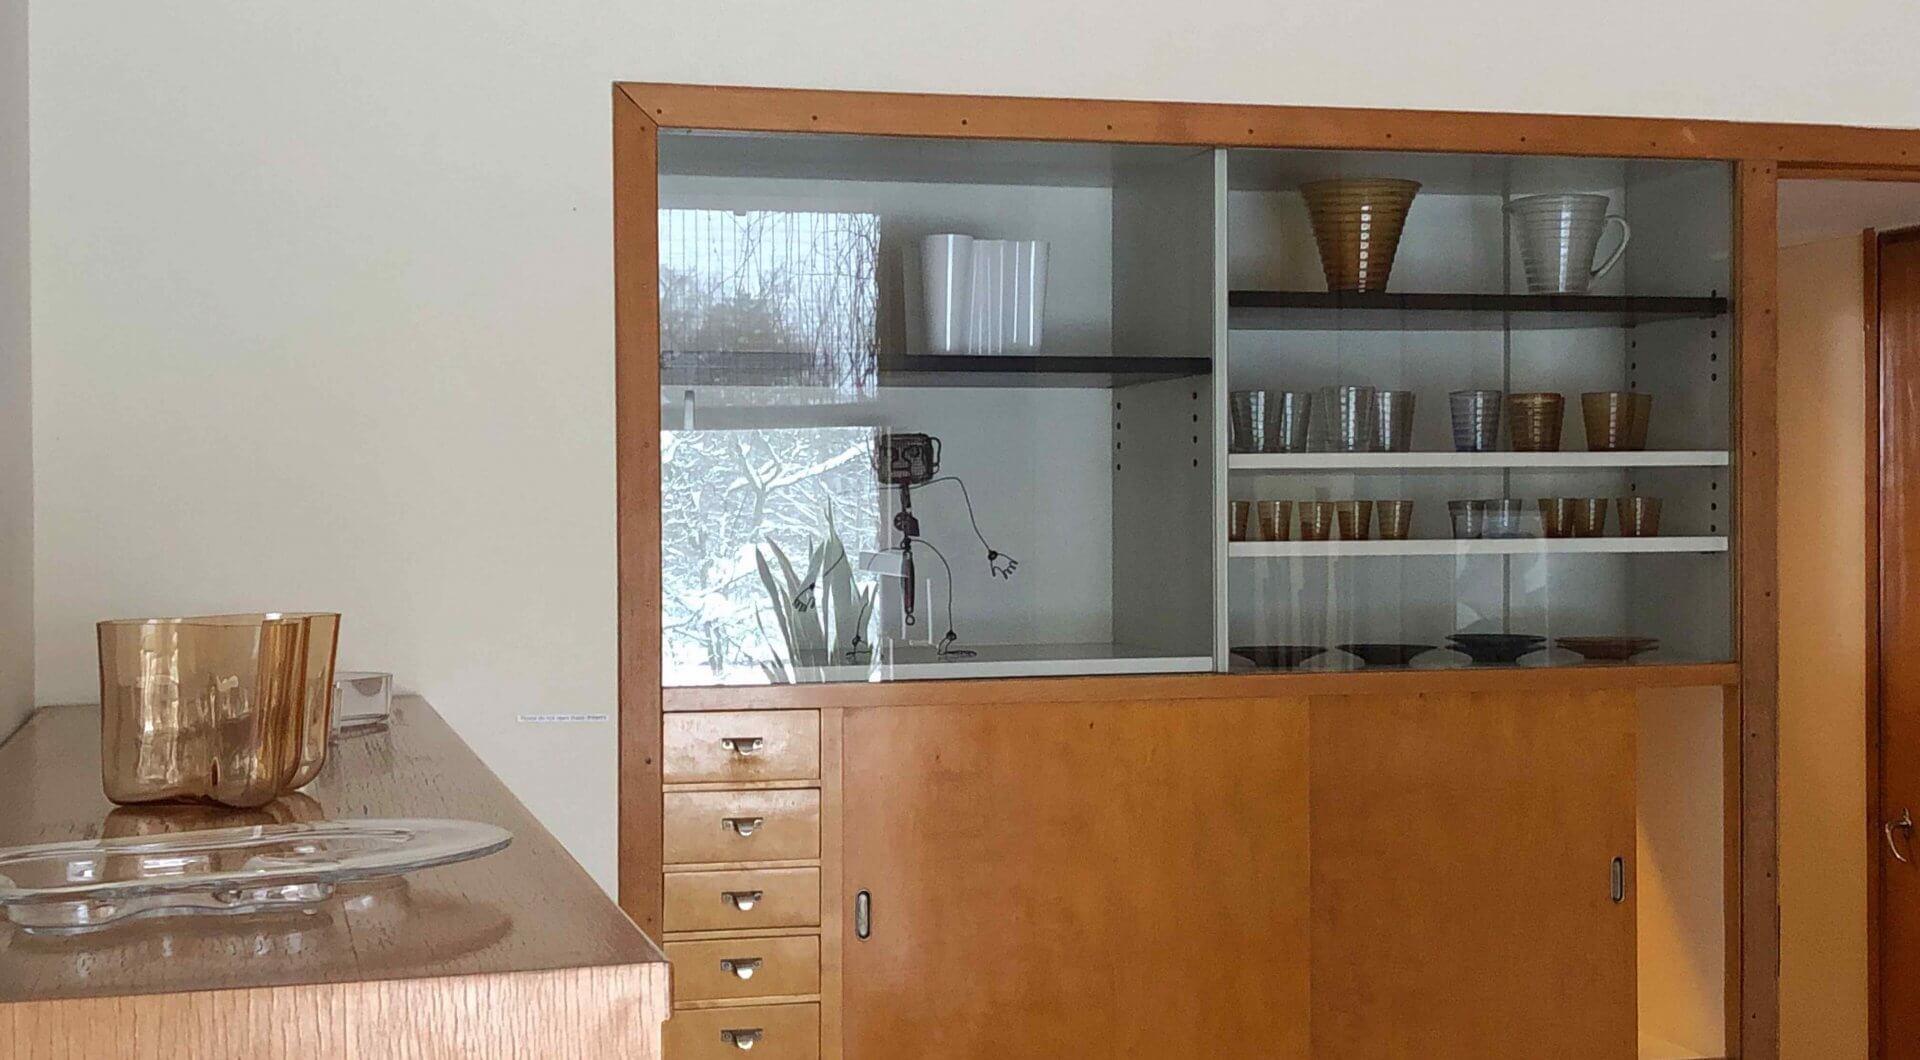 ダイニングルーム奥にある食器棚には、いかにもイッタラ的な食器がセンスよく並べられていた